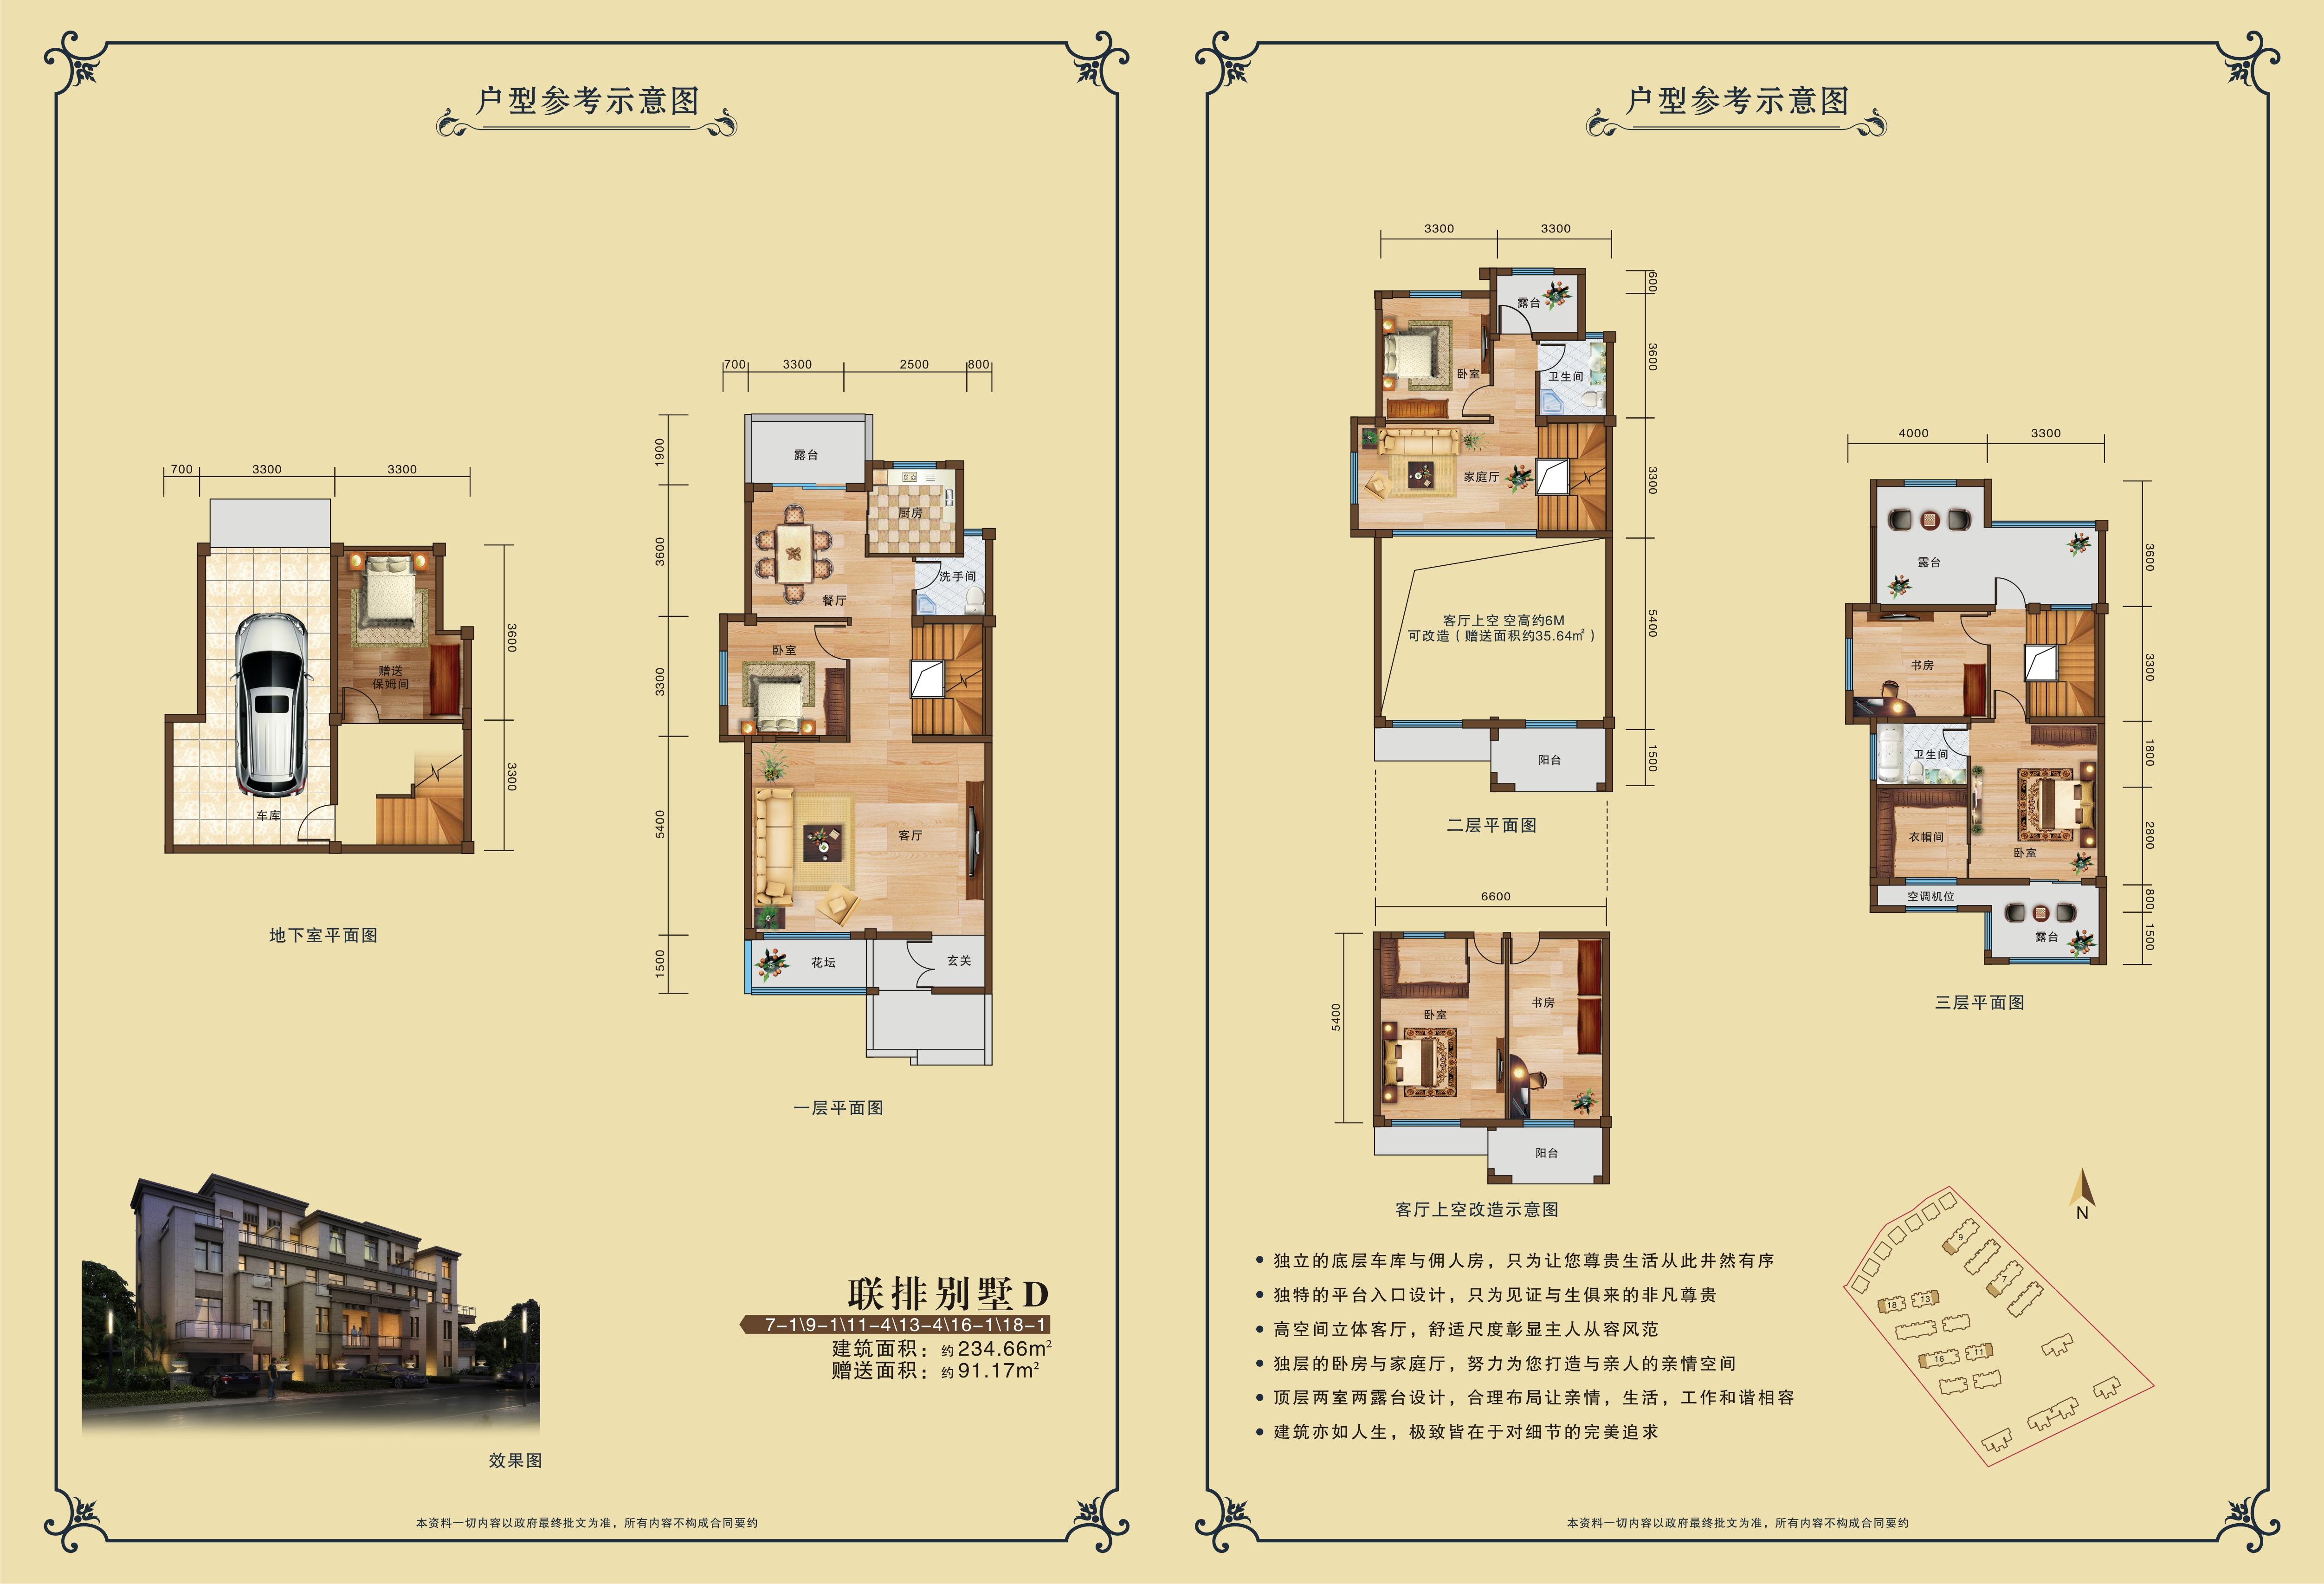 95三房先得价48万二.5套联排别墅127万,限量v别墅,先到一口.铺大理石吗都的别墅一般地面图片